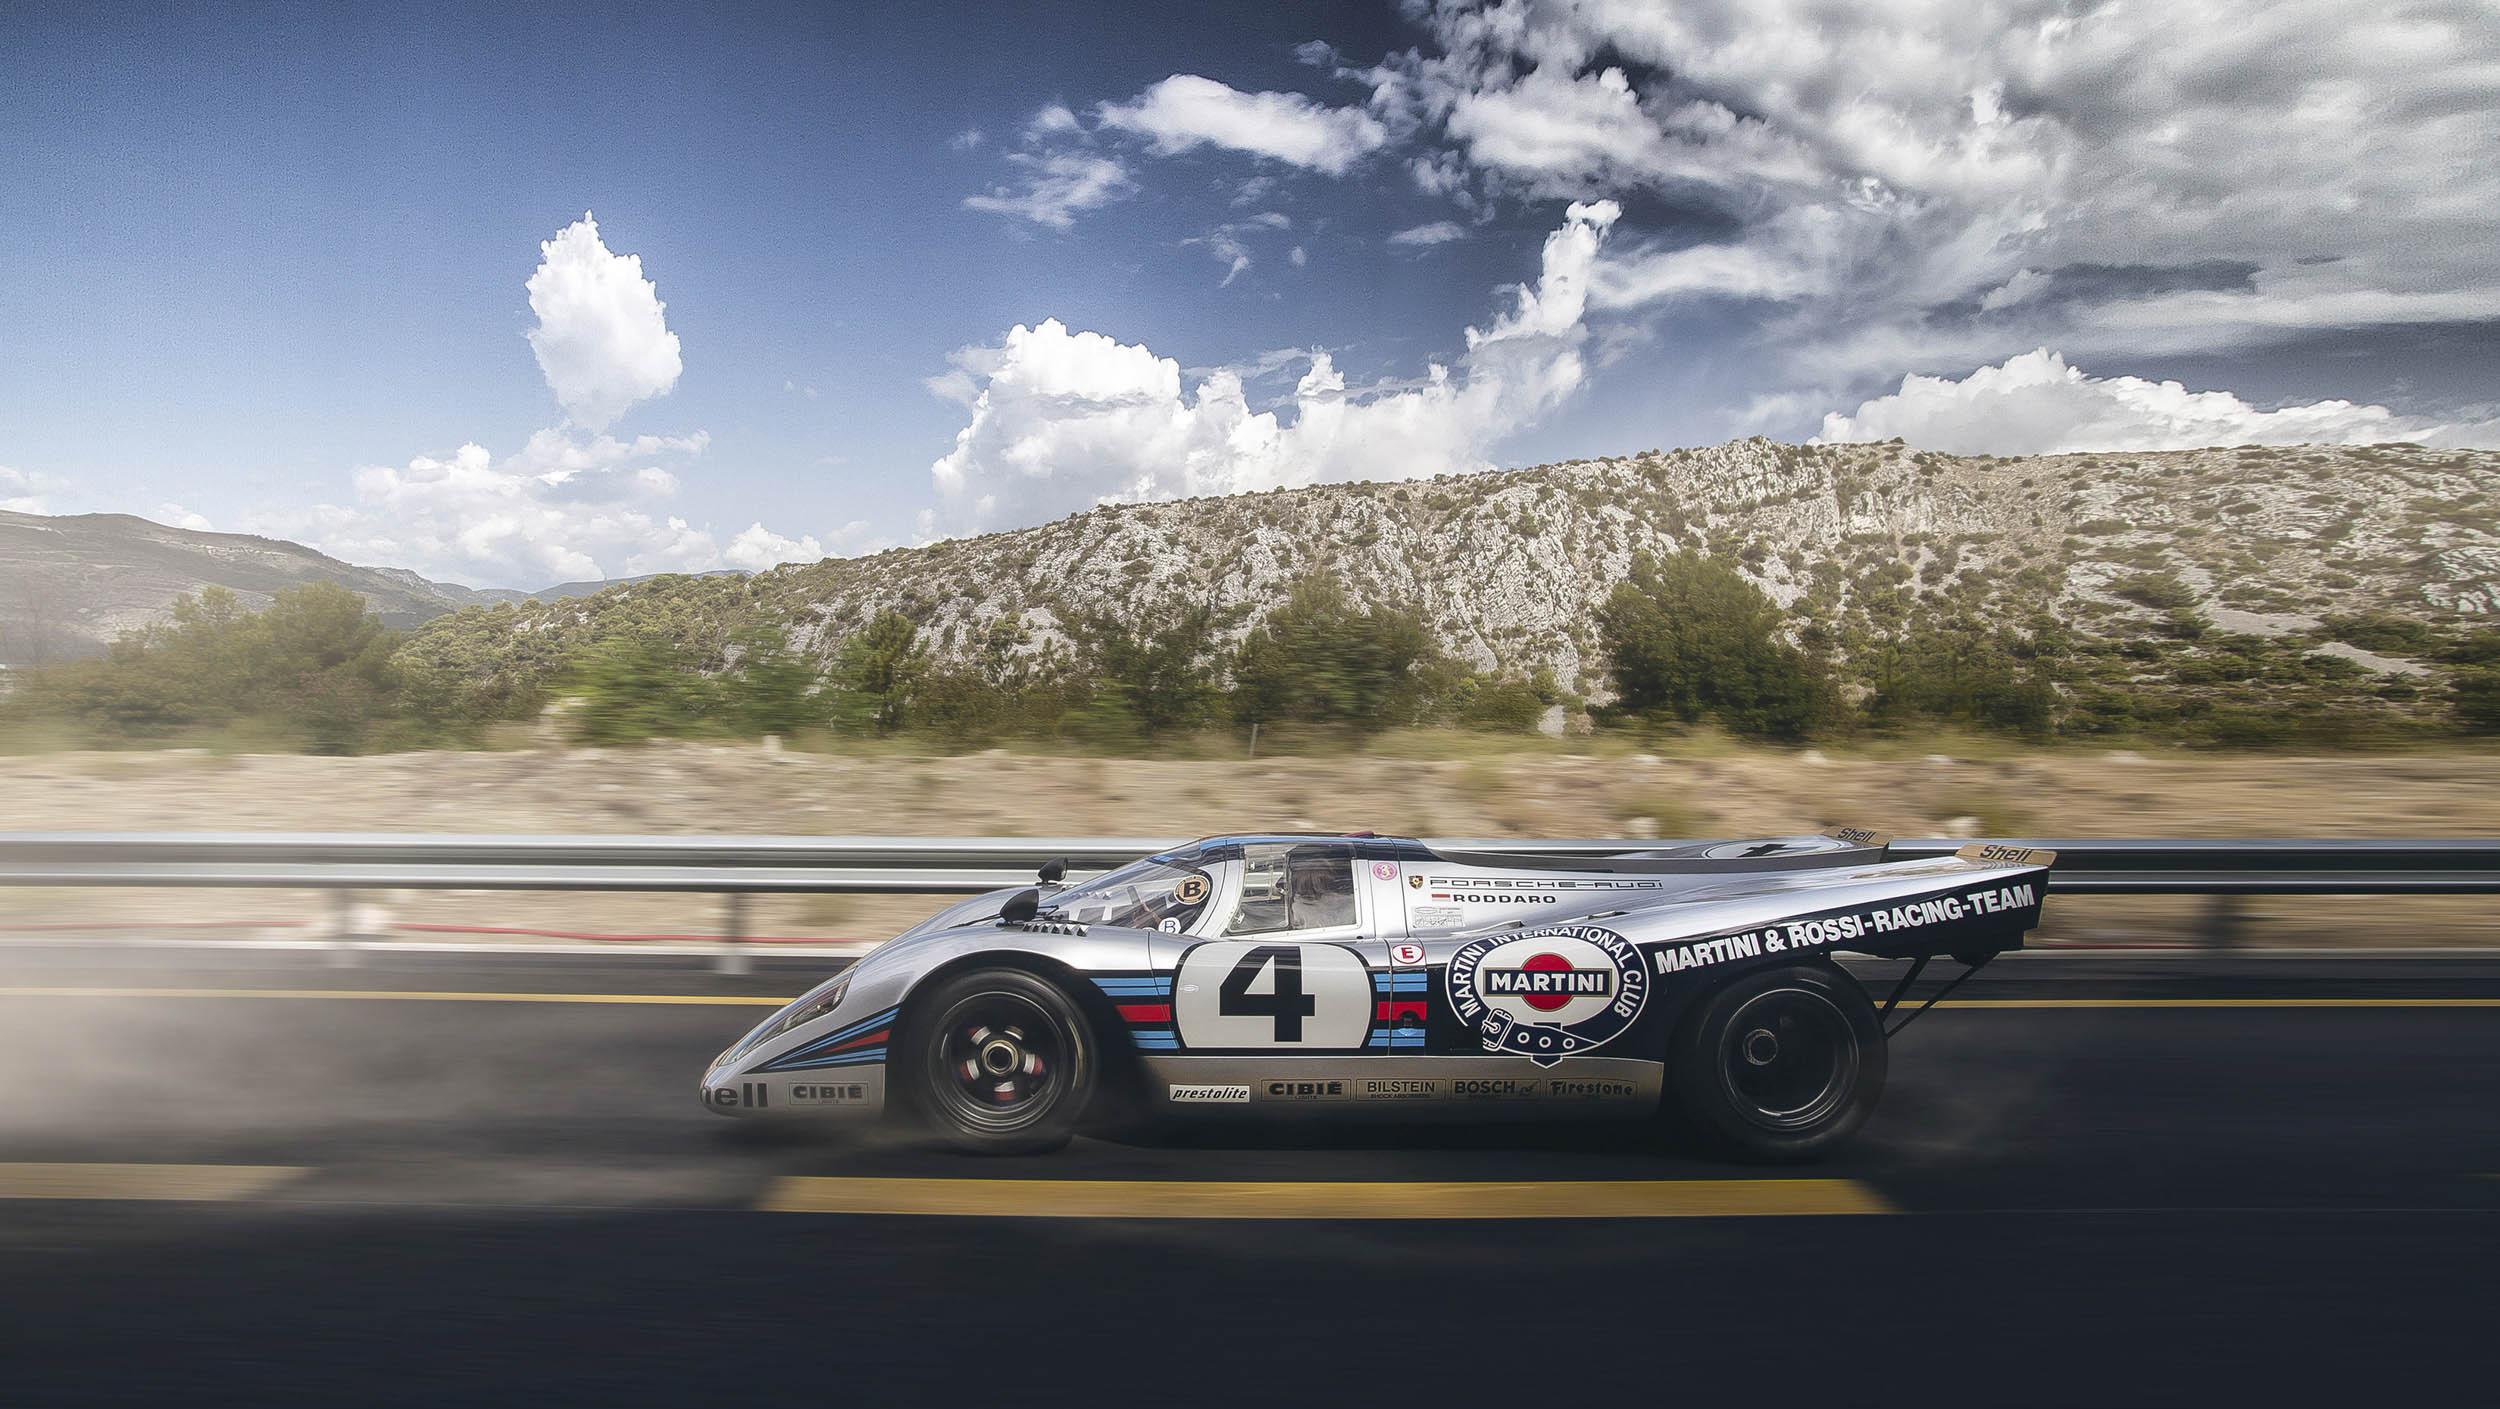 Porsche 917K profile on the road